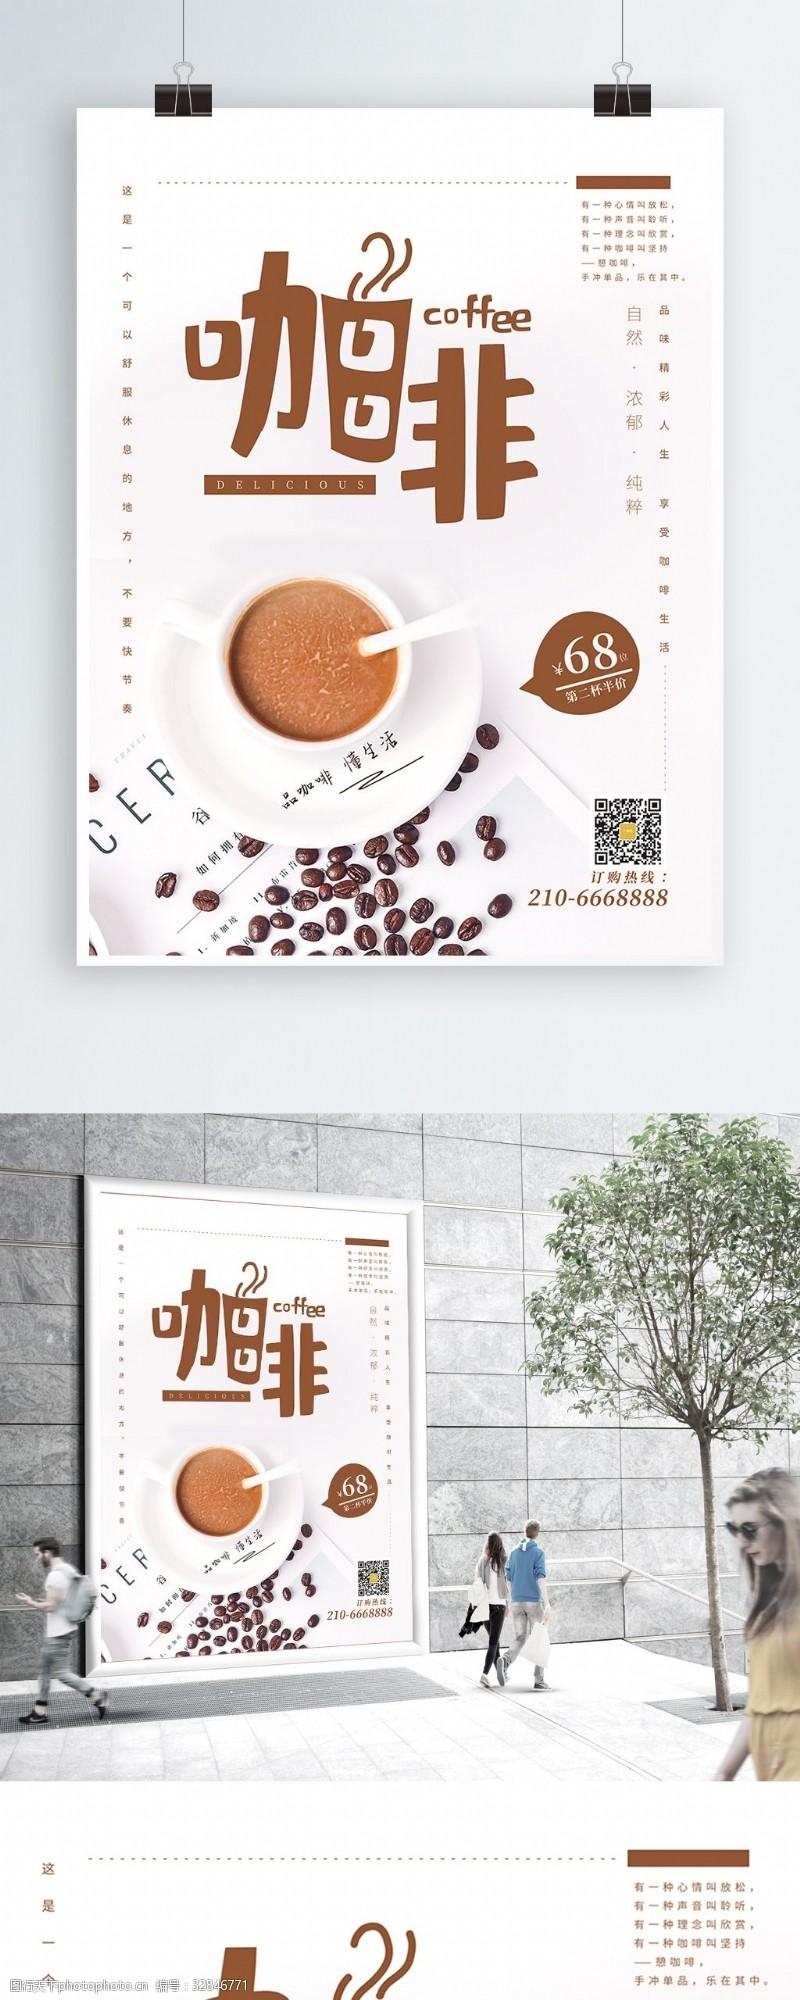 原創簡約悠閑午后咖啡下午茶海報